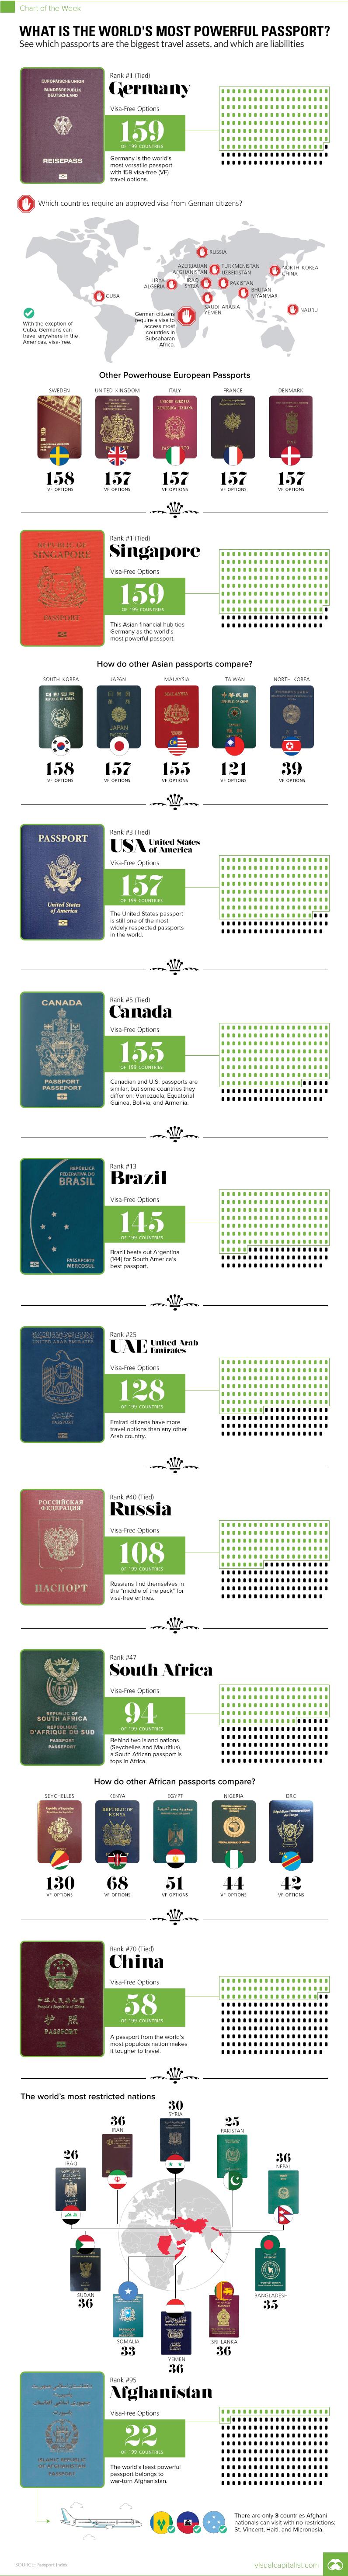 powerful-passport